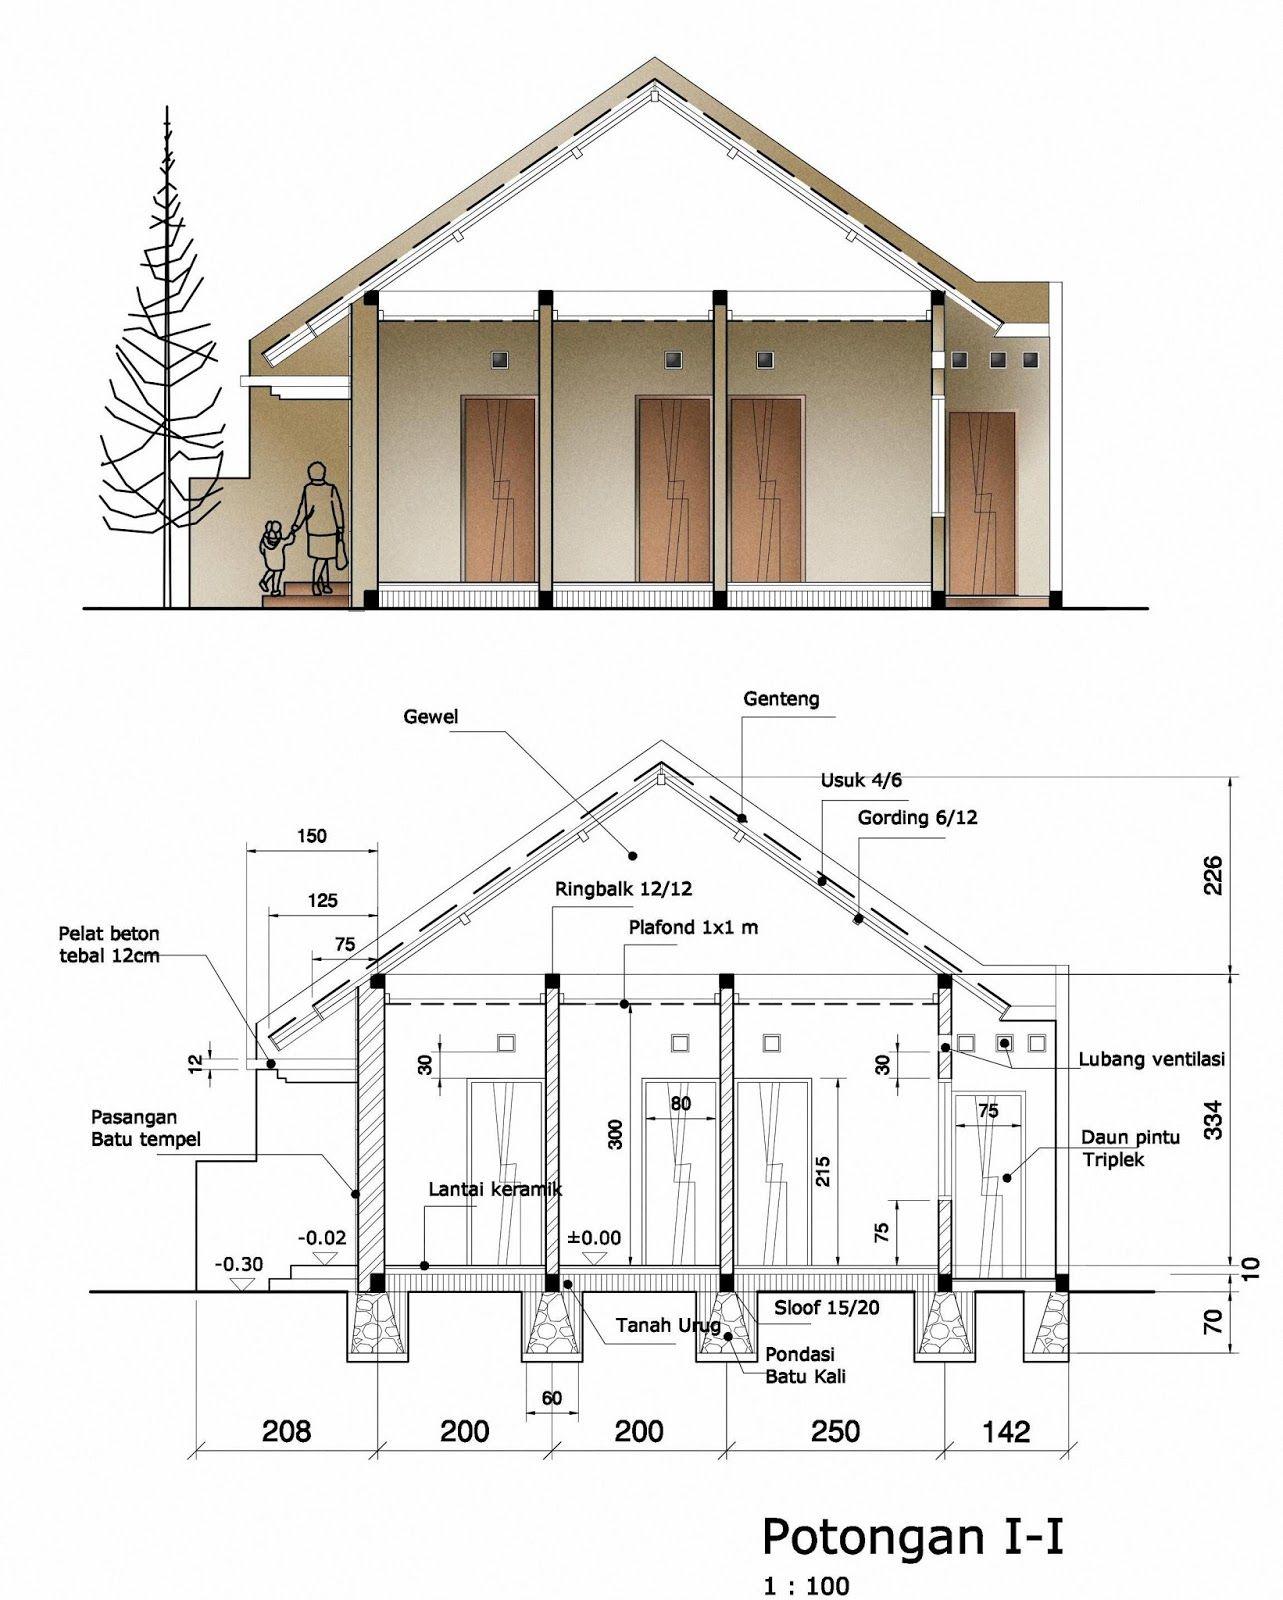 Rancangan Contoh Gambar Denah Dan Potongan Rumah Yang Modern Rumahminimalispro Com Arsitektur Desain Rumah Eksterior Sketsa Arsitektur